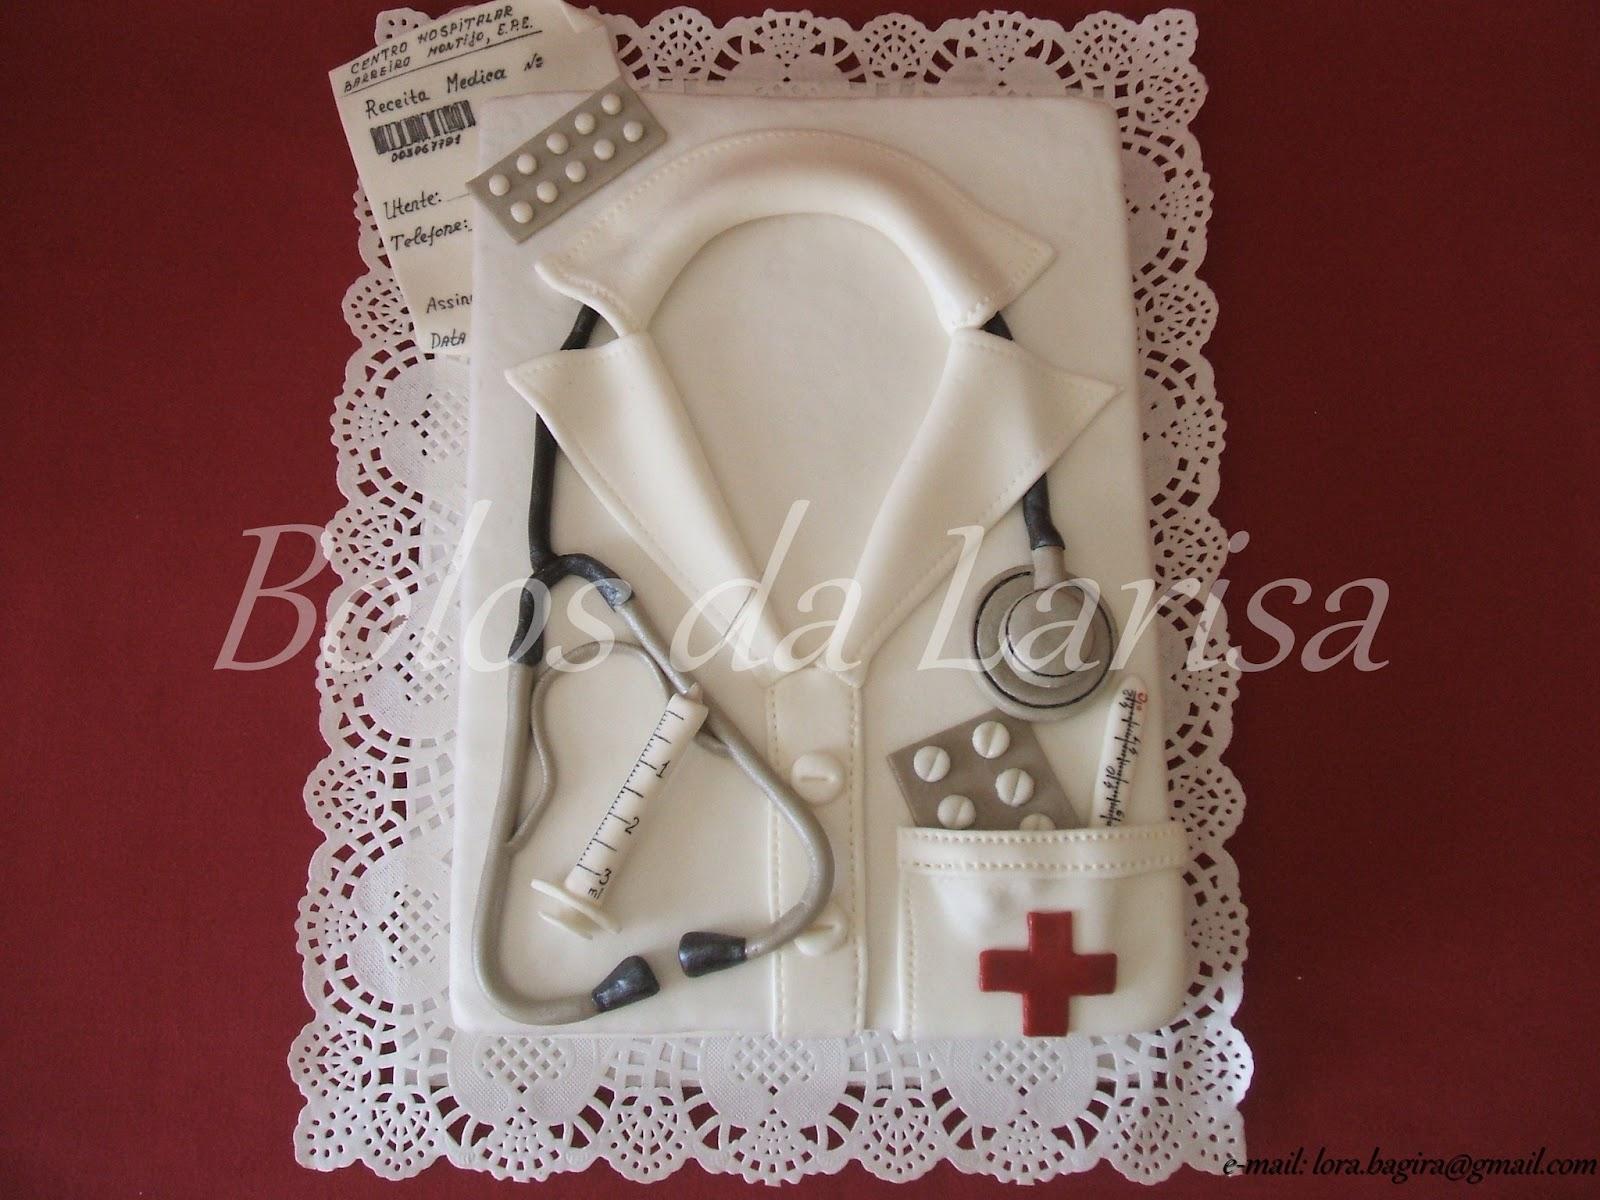 Подарок к дню медика маме